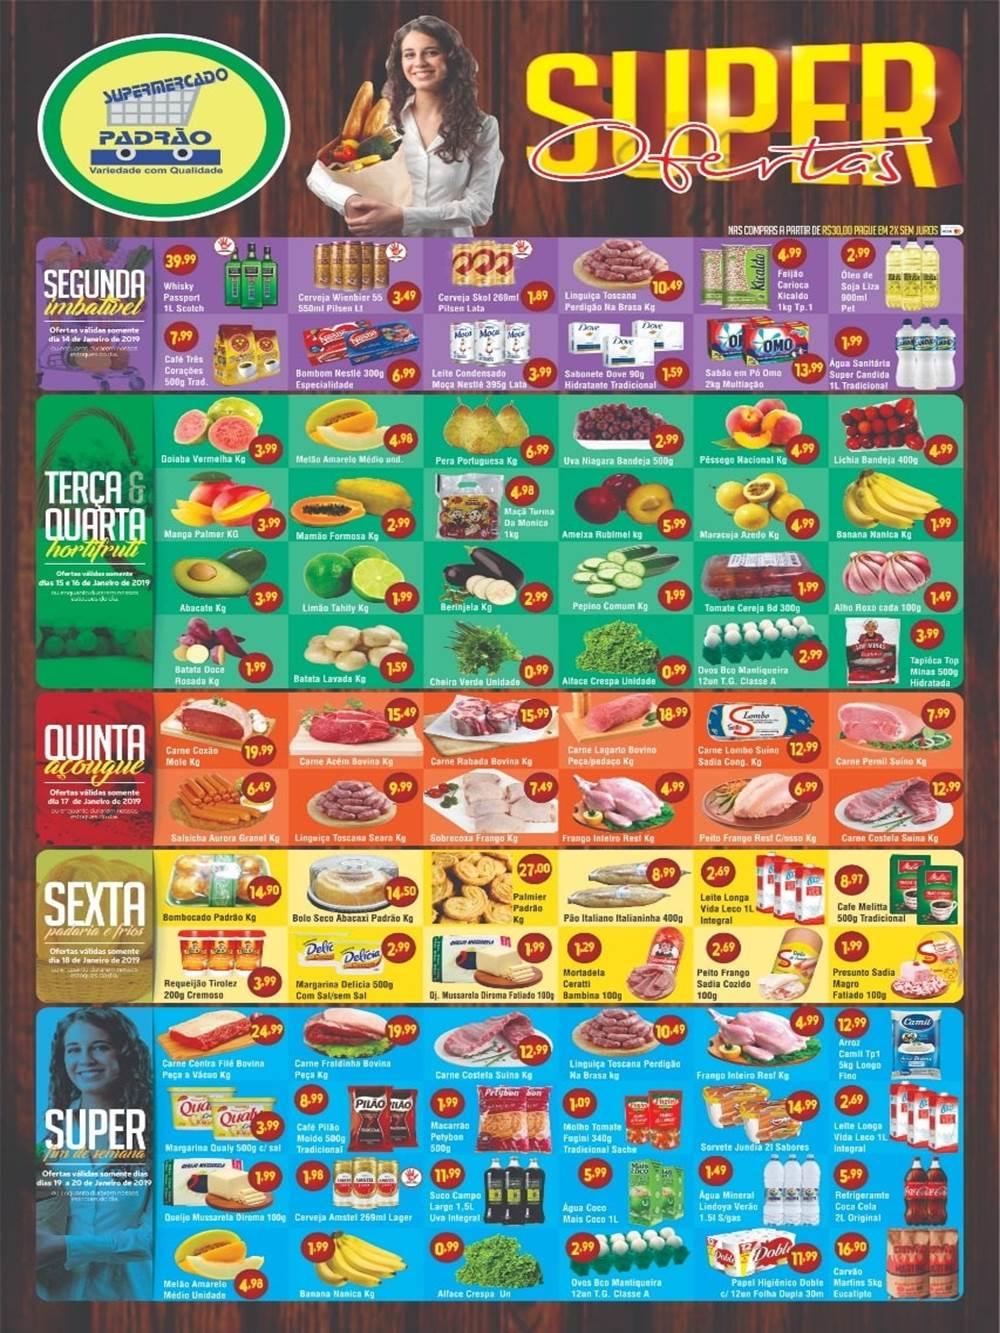 Ofertas-padrao1-1 Ofertas de Supermercados - Economize!